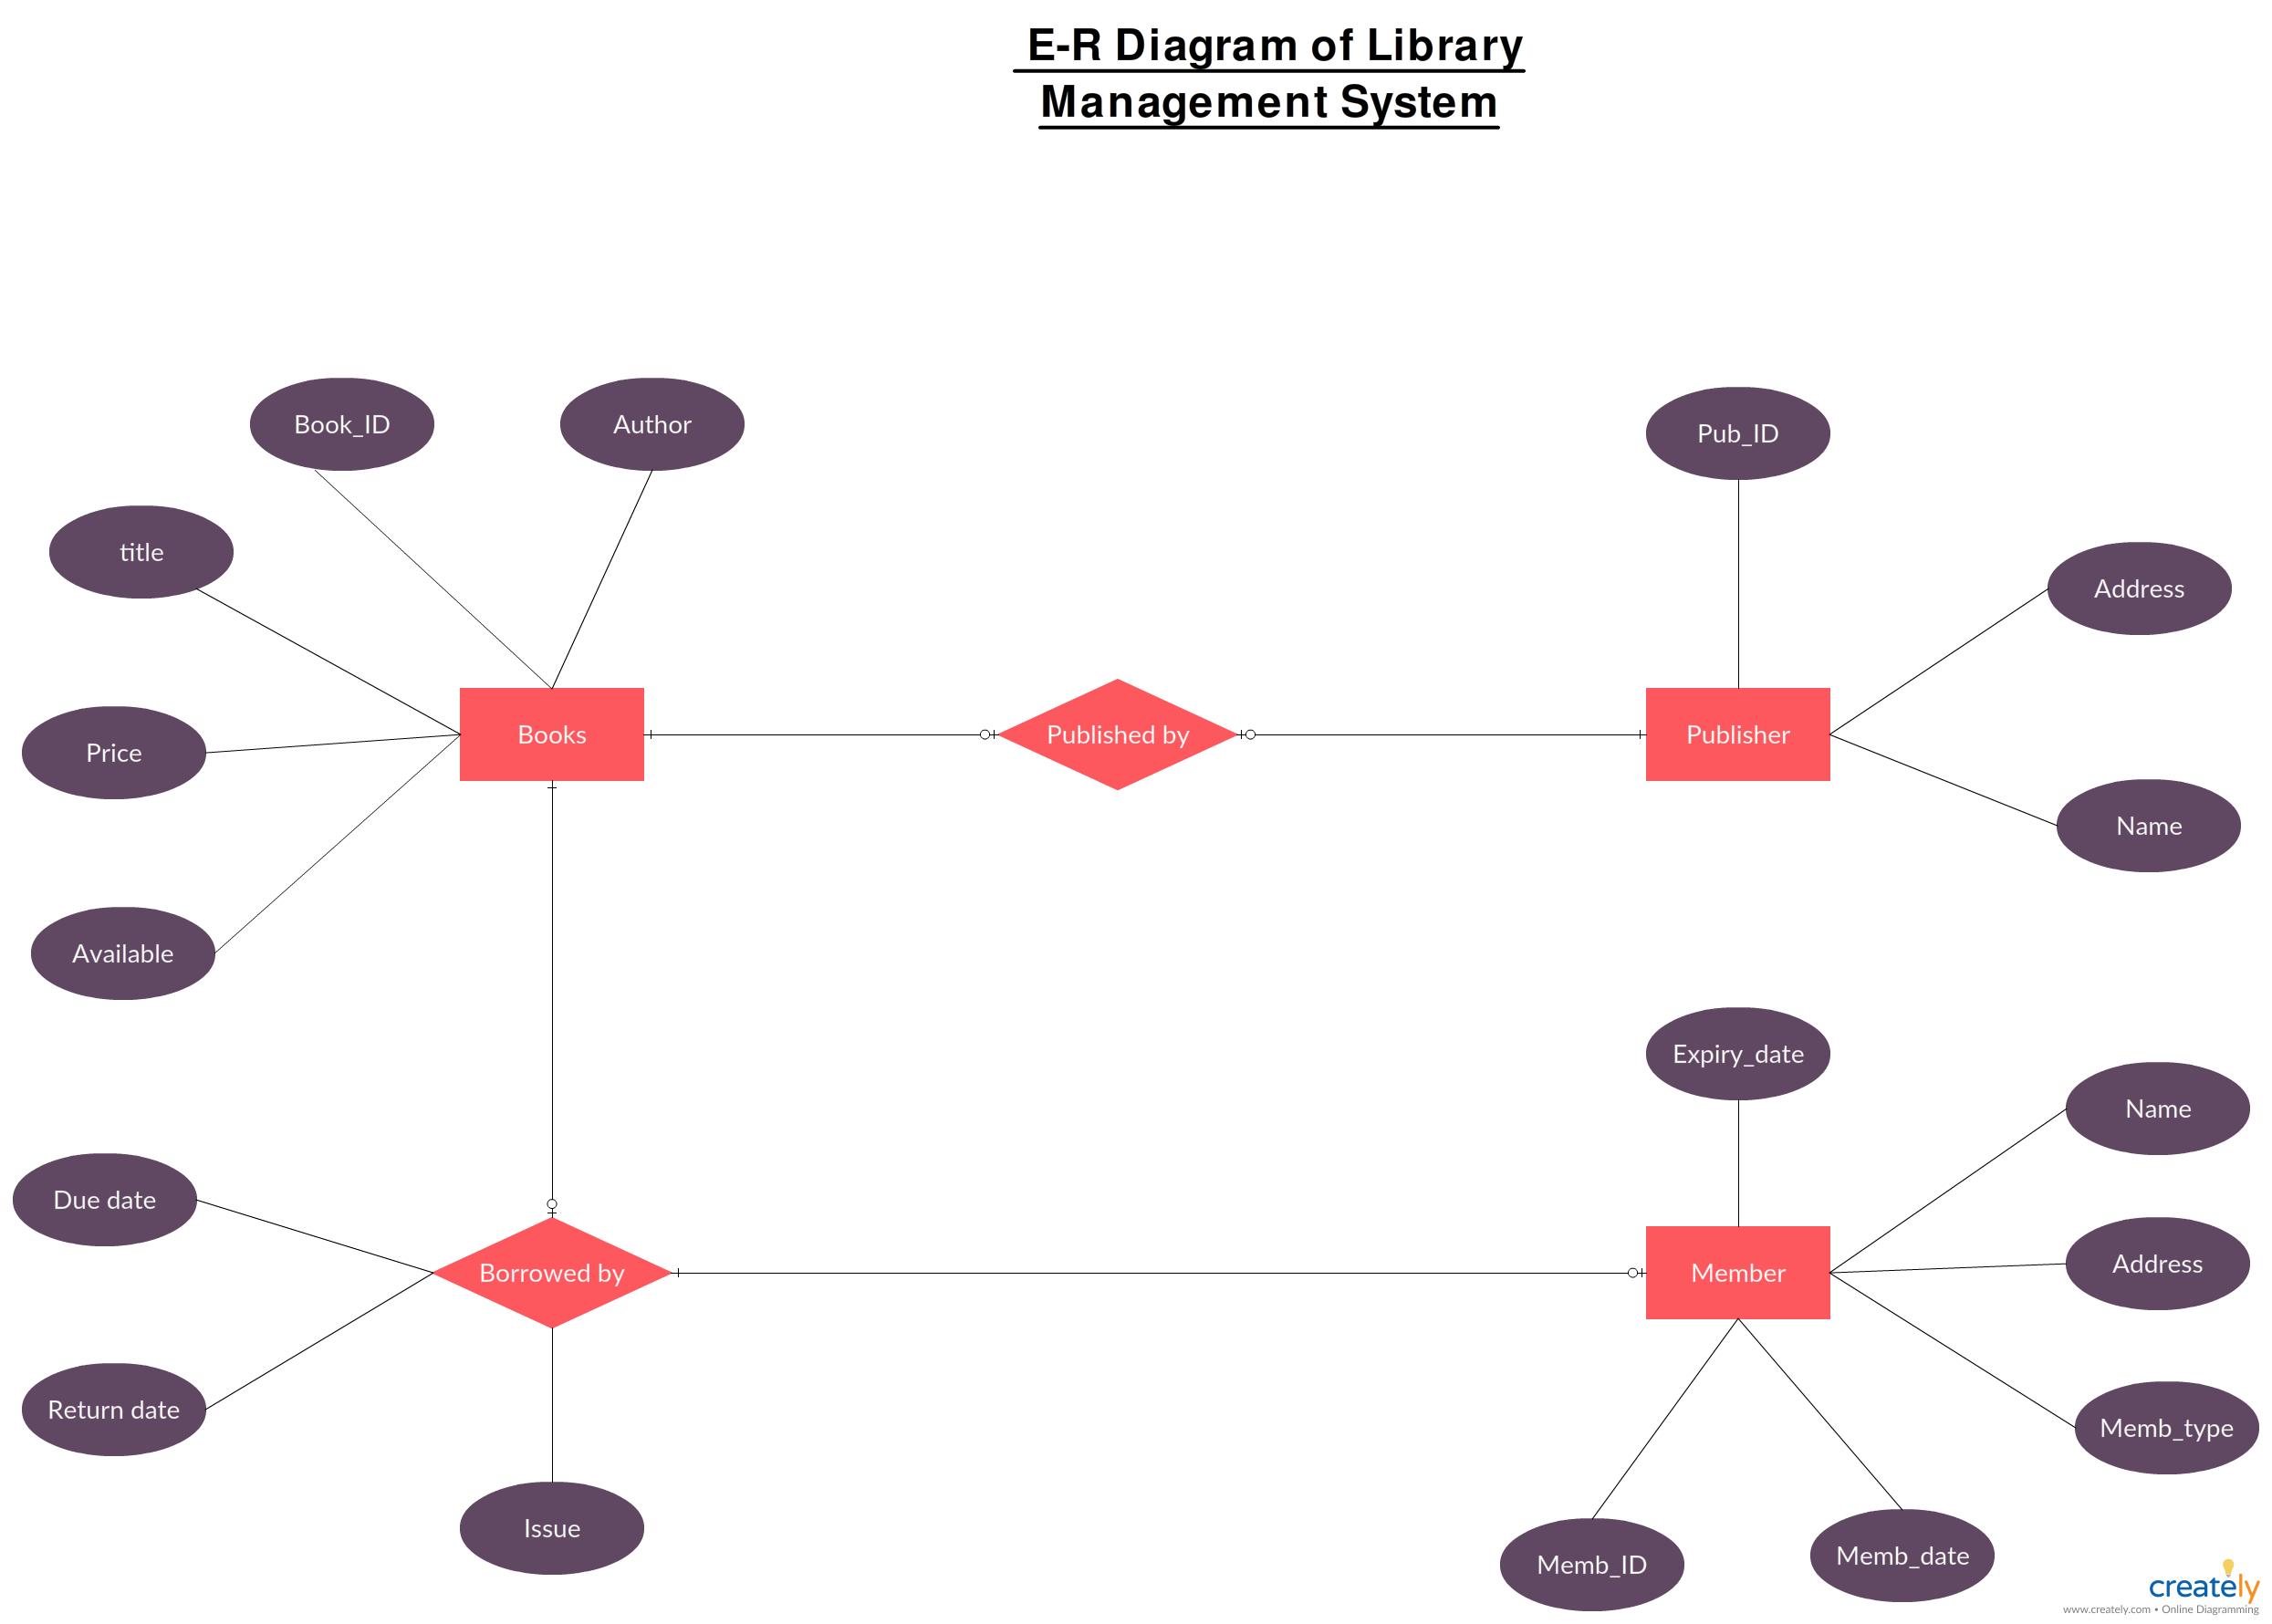 Er Diagram For Library Management System - Er Diagram For throughout Draw An Er Diagram For Banking System